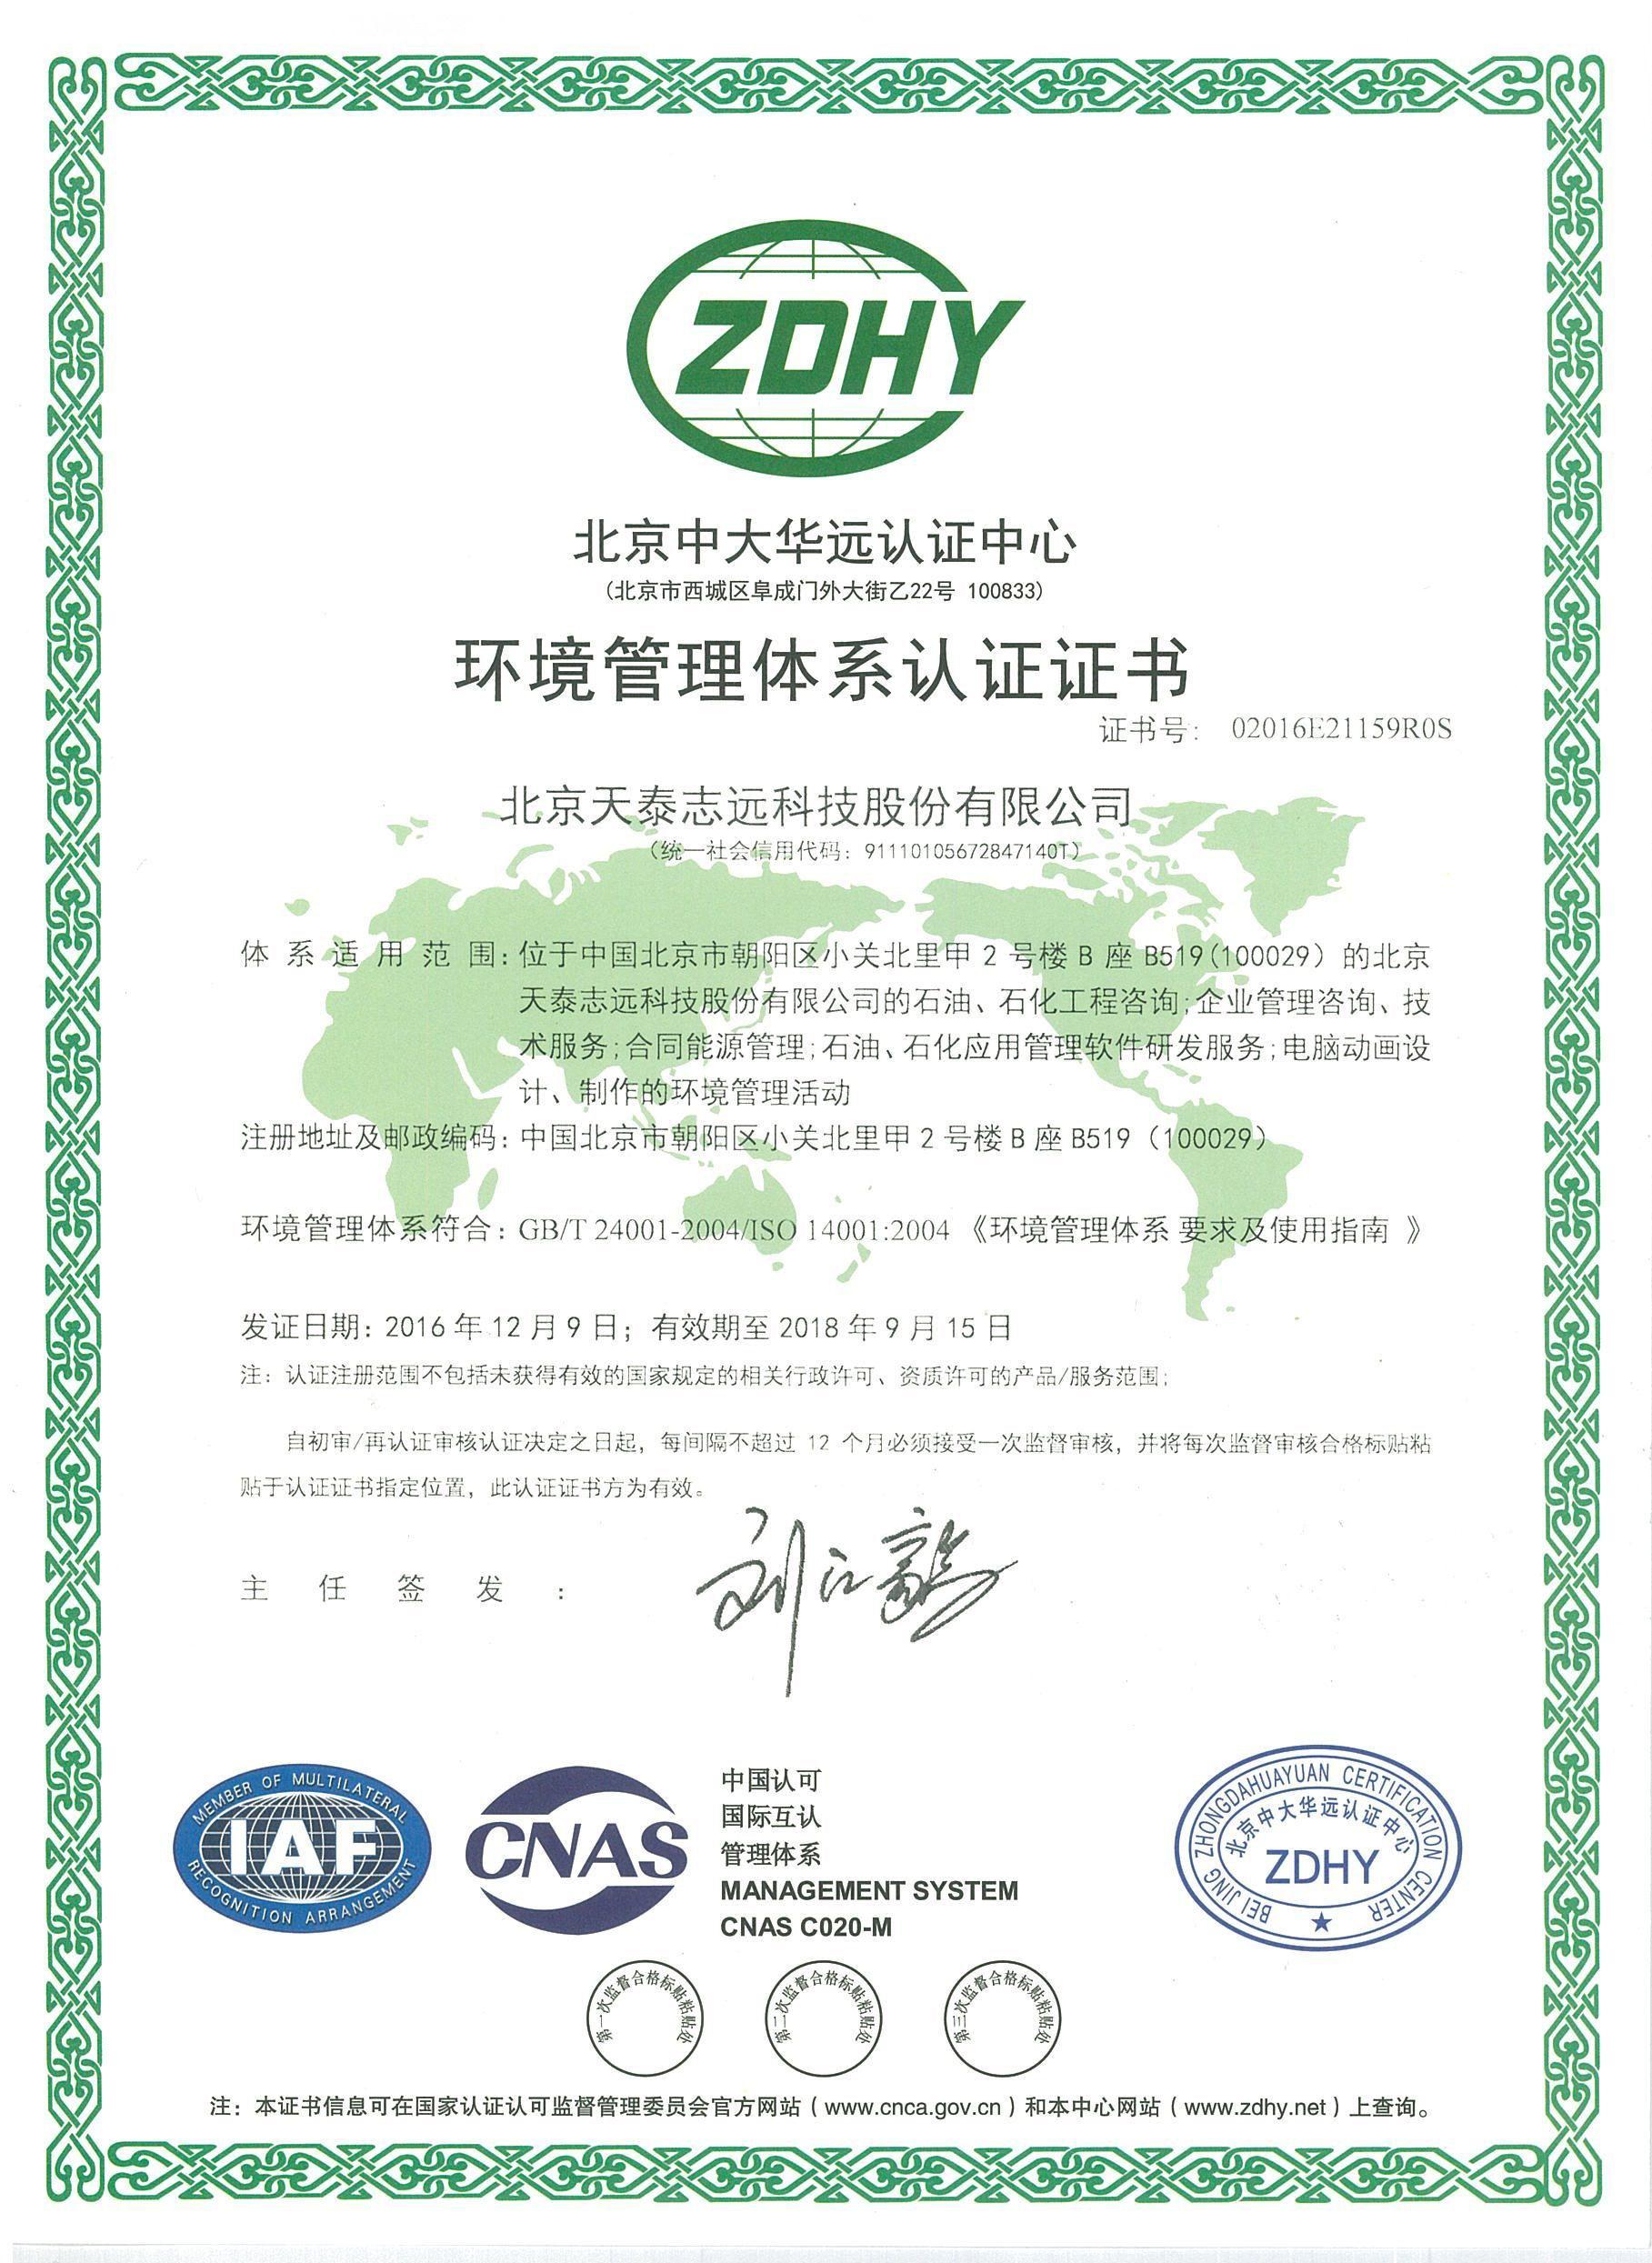 天泰志远:环境管理体系认证证书(中文)